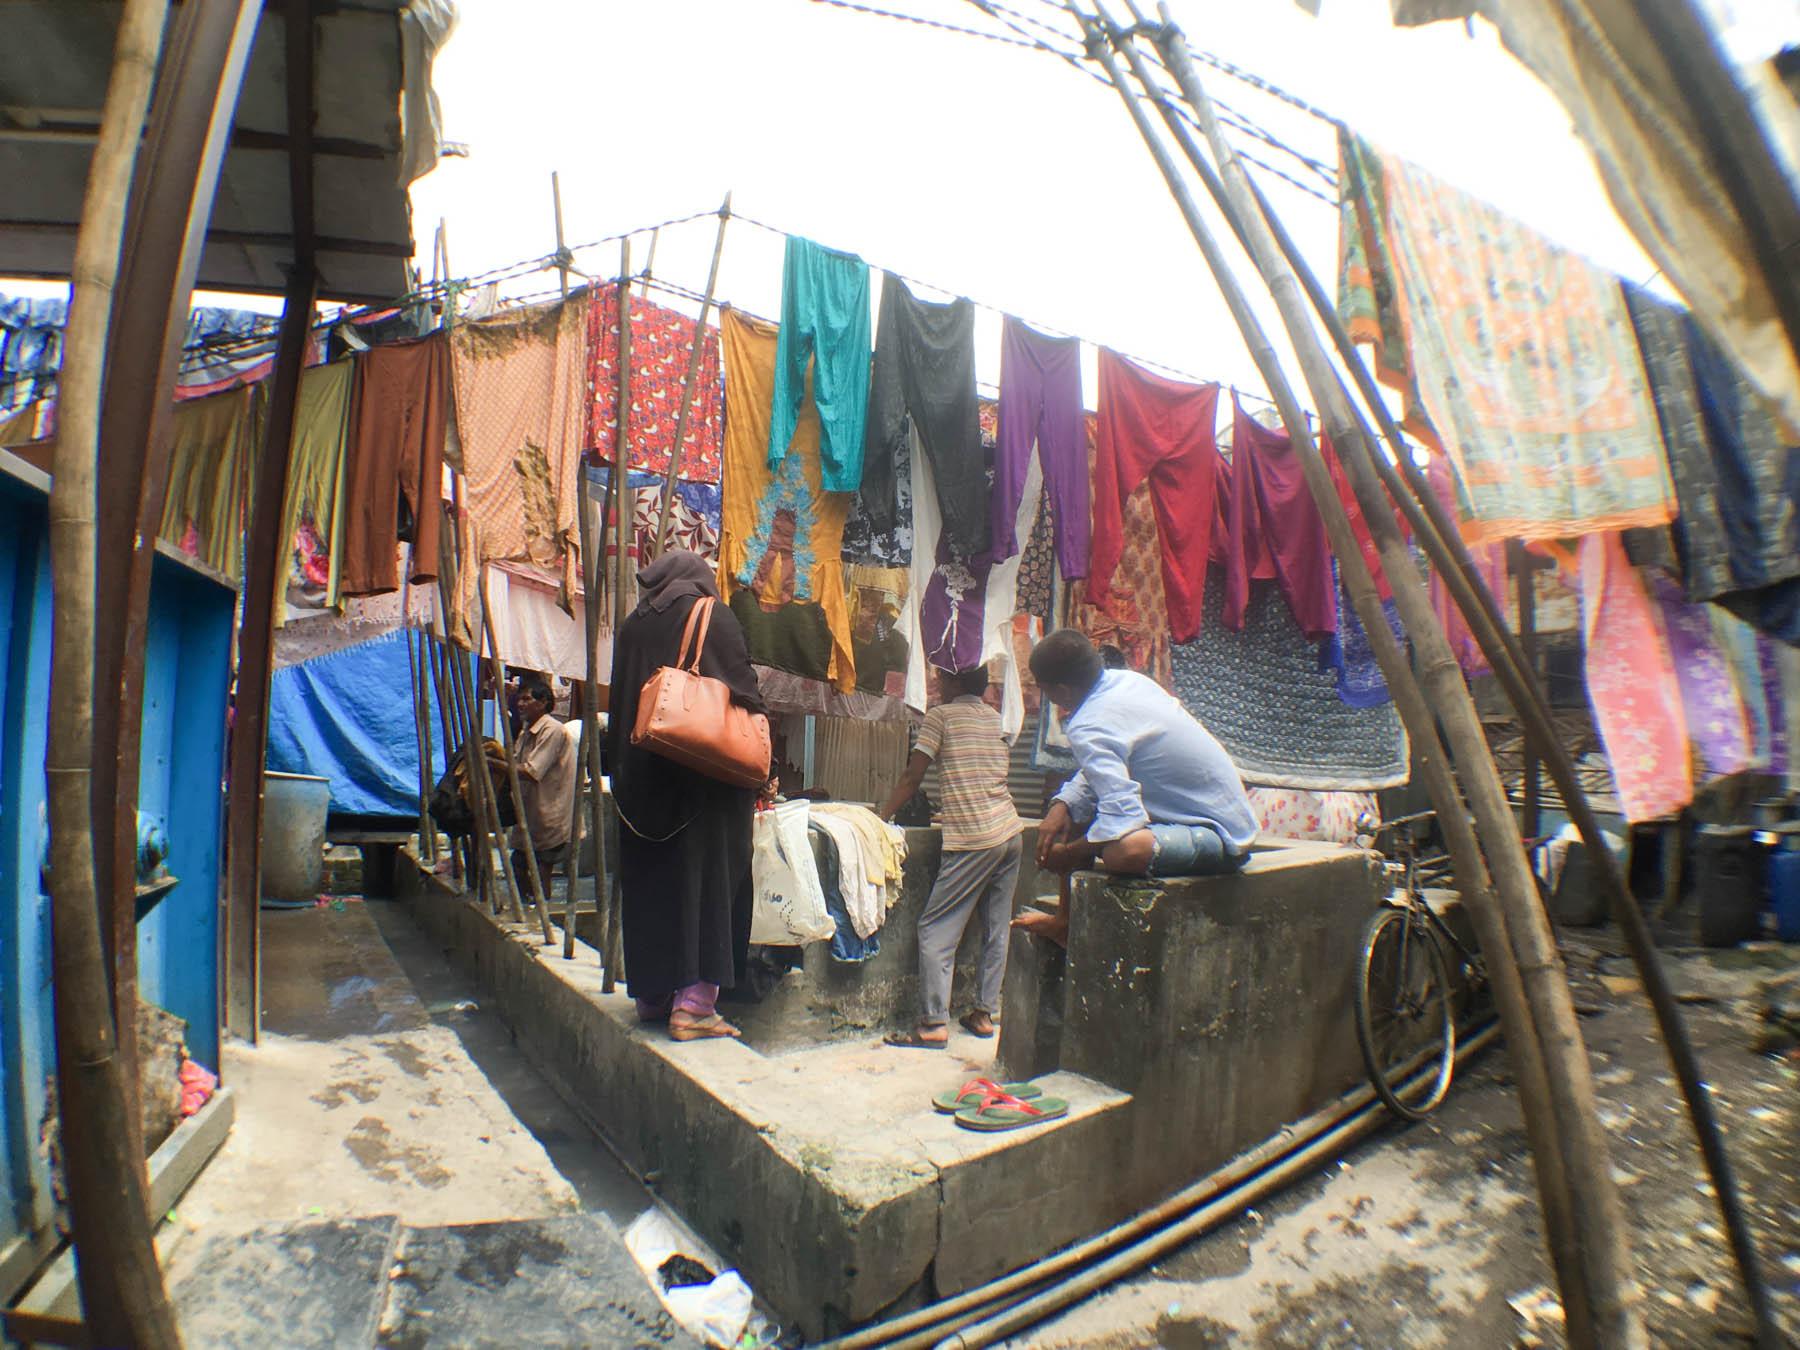 ムンバイ 巨大洗濯工場 ドービーガート お客さま